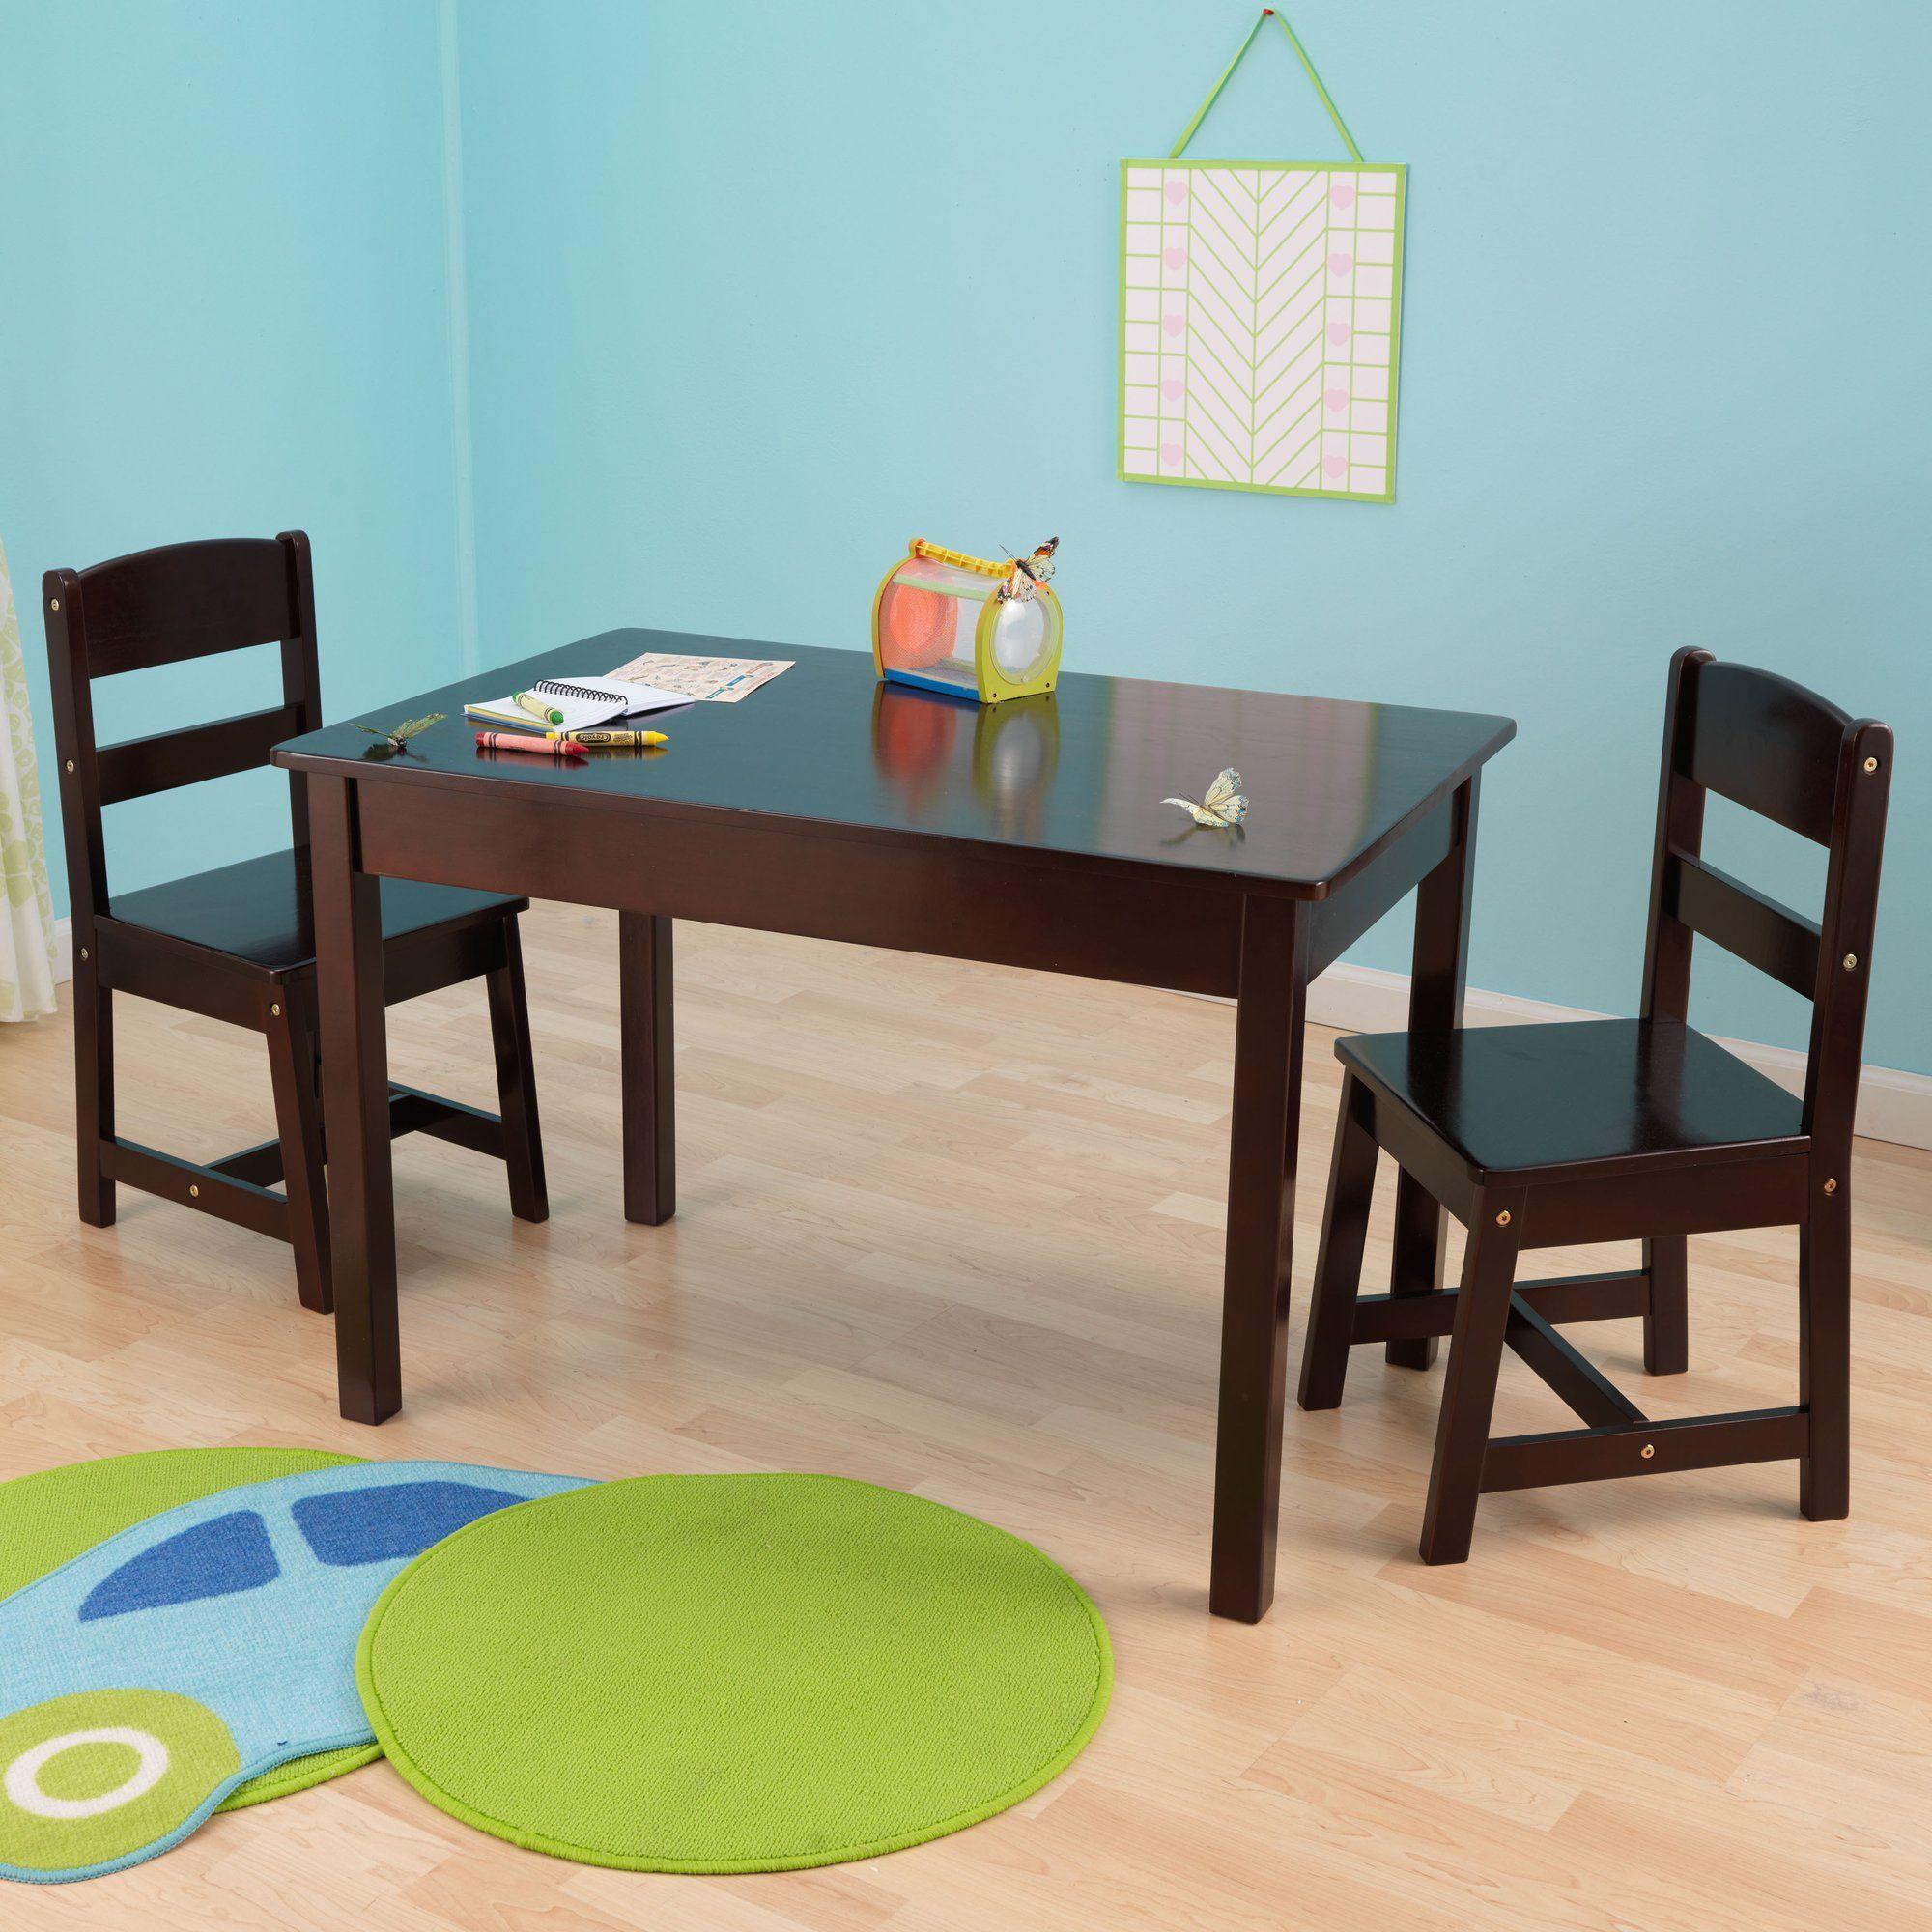 Kinder Tisch Und Stuhl Uberprufen Sie Mehr Unter Http Stuhle Info 61538 Kinder Tisch Und Stuhl Kinder Tisch Und Stuhle Stuhle Fur Kinder Tisch Und Stuhle